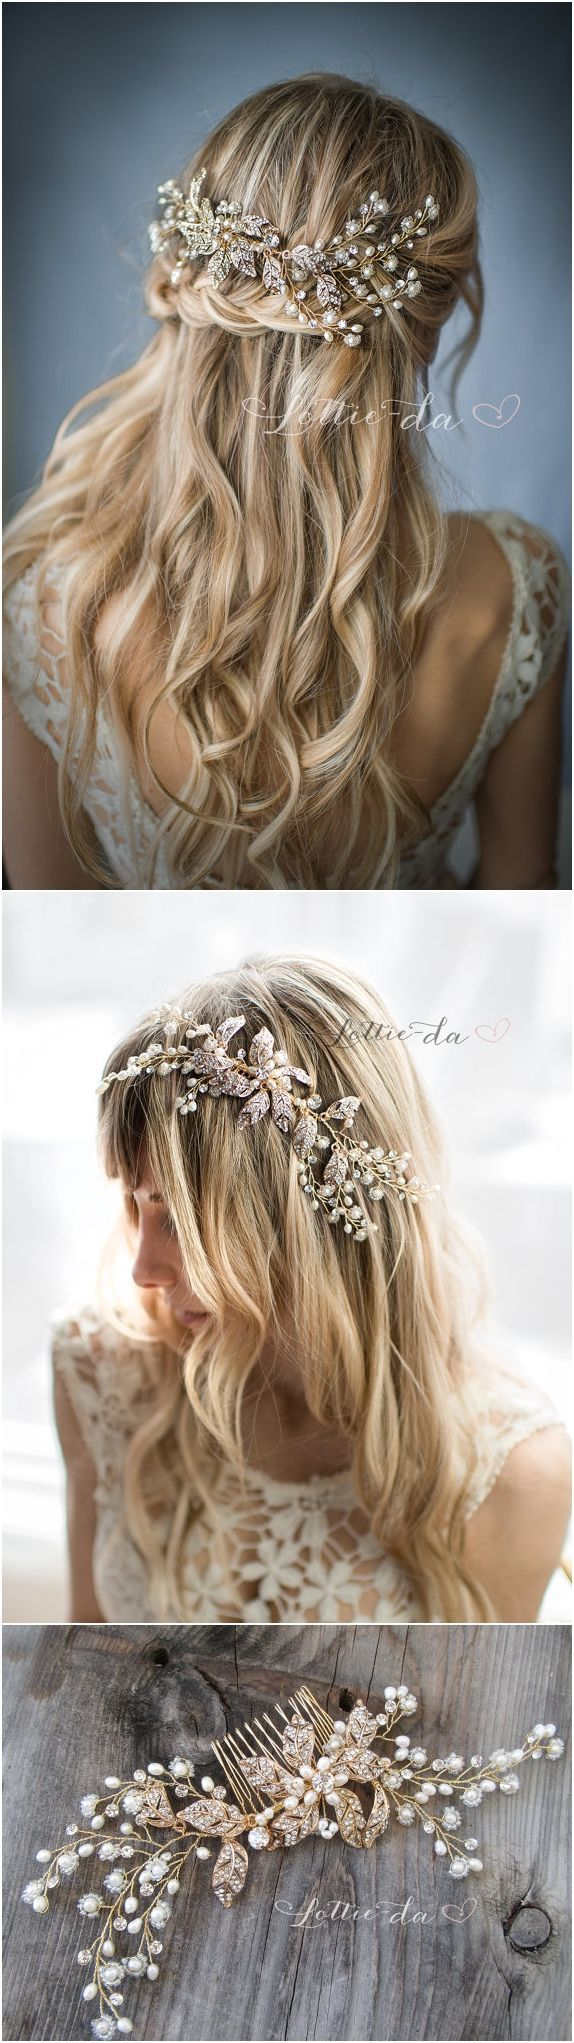 Wedding Hairstyles : Boho Gold Flower Leaf Hair Vine Wedding Headpiece Wire Wedding Hair comb Weddi